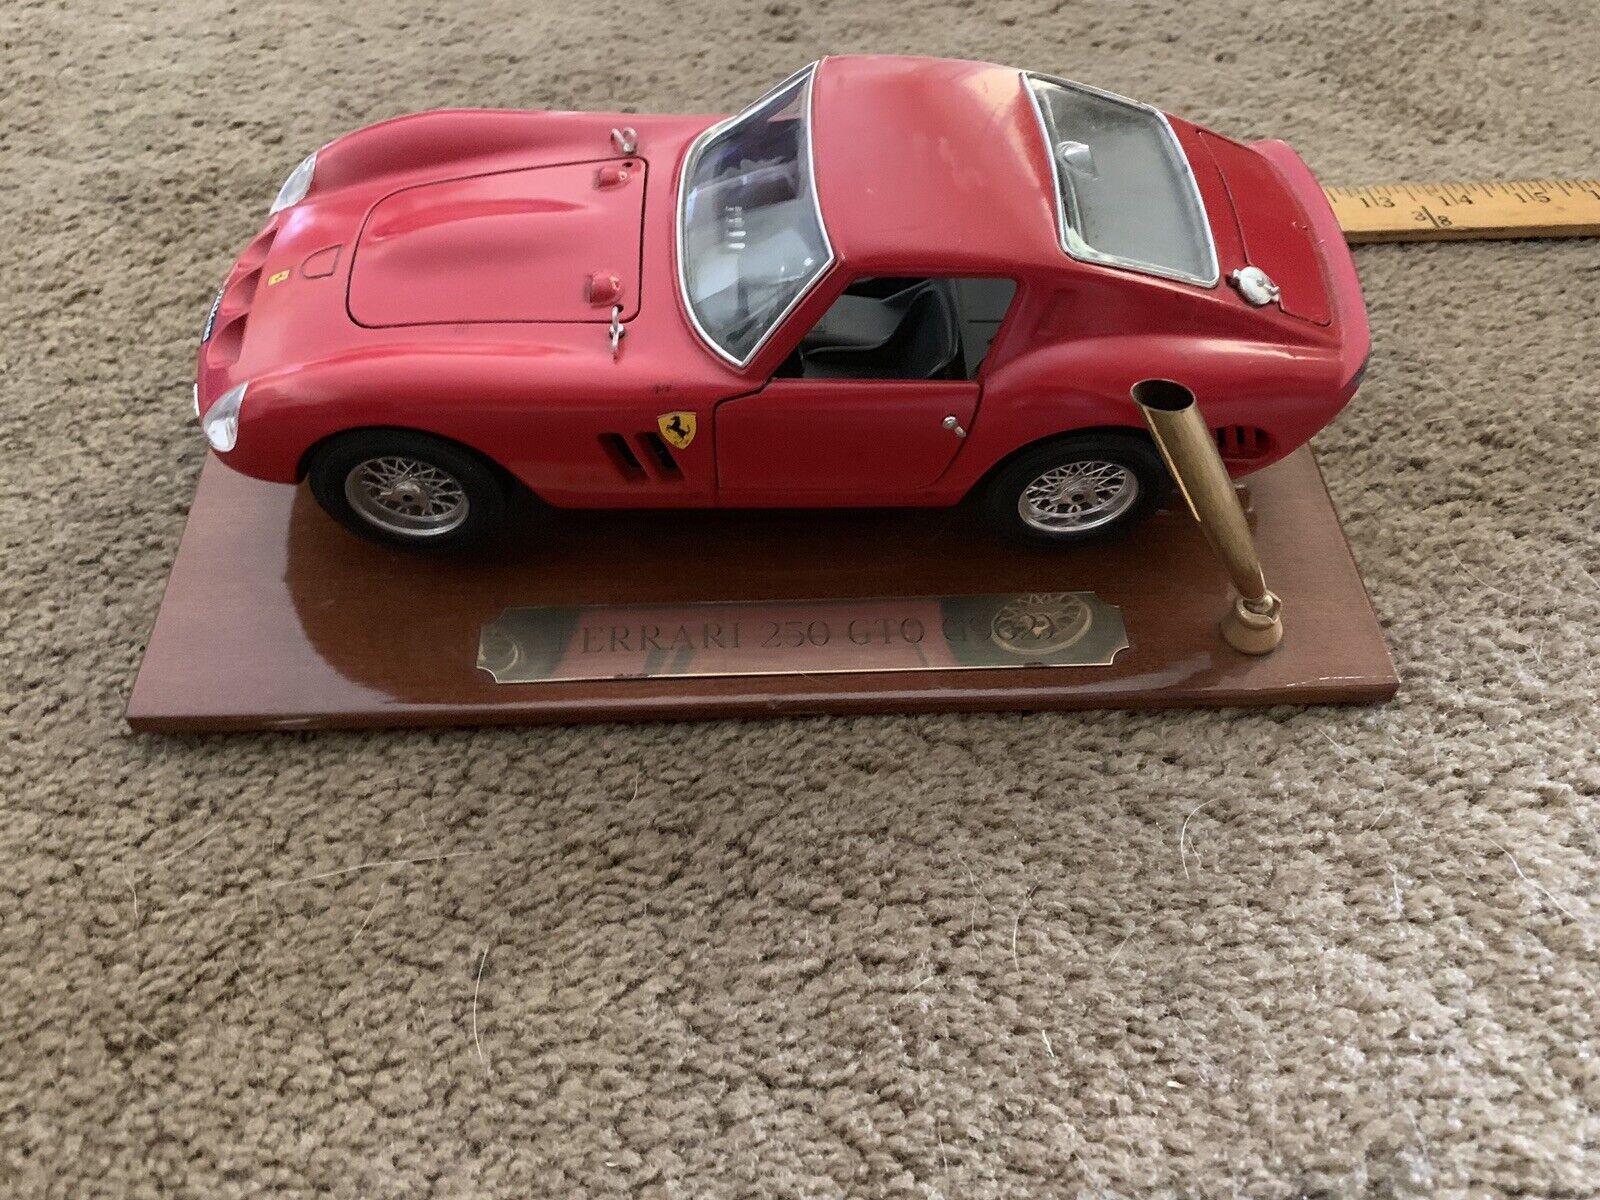 precios mas bajos 1962 Rojo Burago Ferrari Gto 1 18 Diecast Modelo Vintage Vintage Vintage Coleccionistas Hecho en Italia  hasta un 50% de descuento